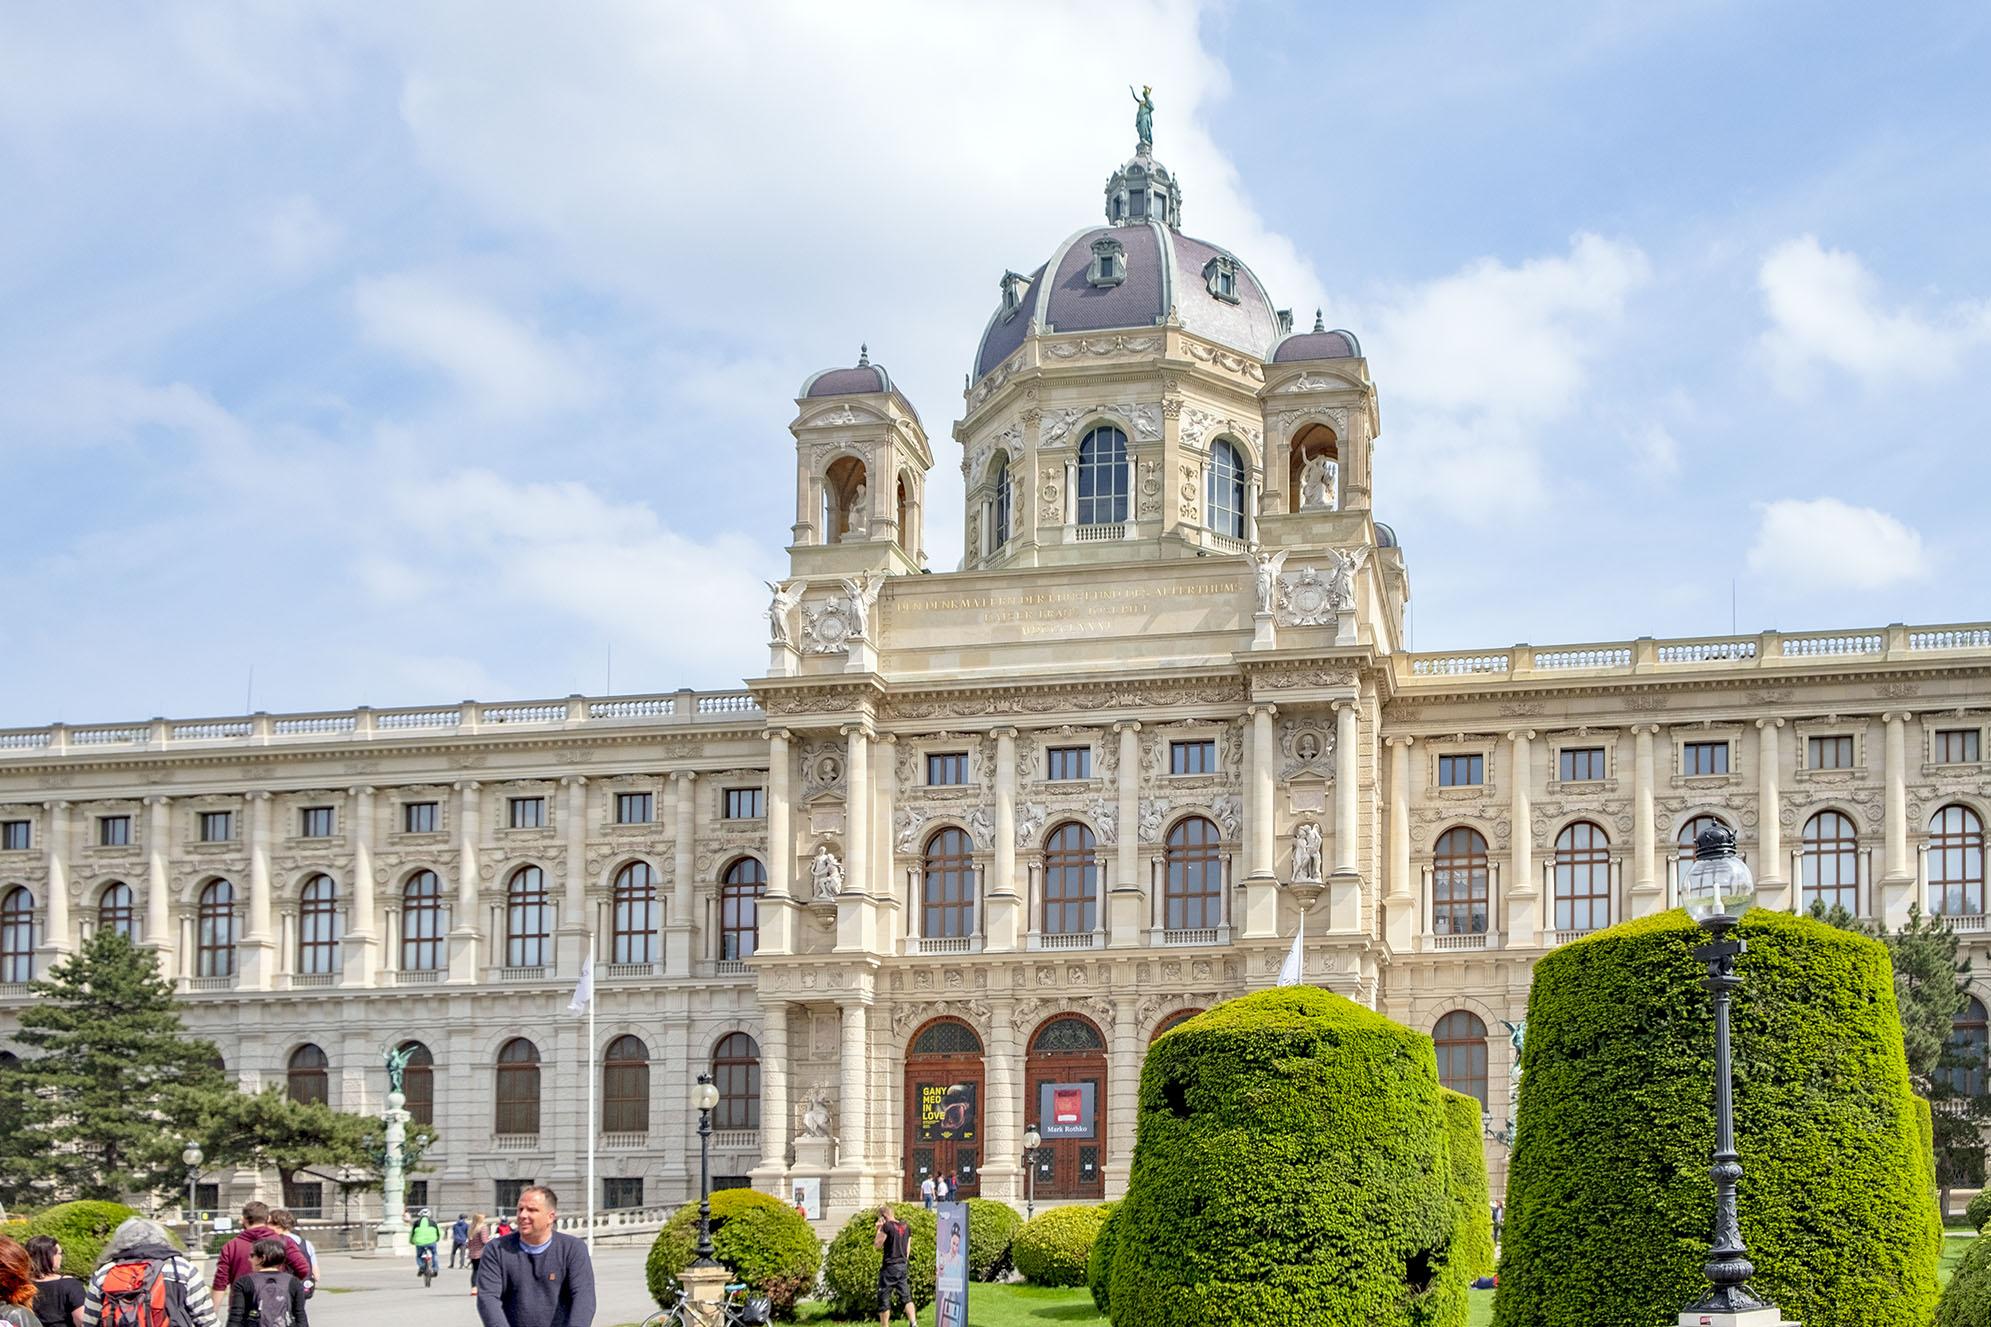 Konsthistoriska Museet Wien